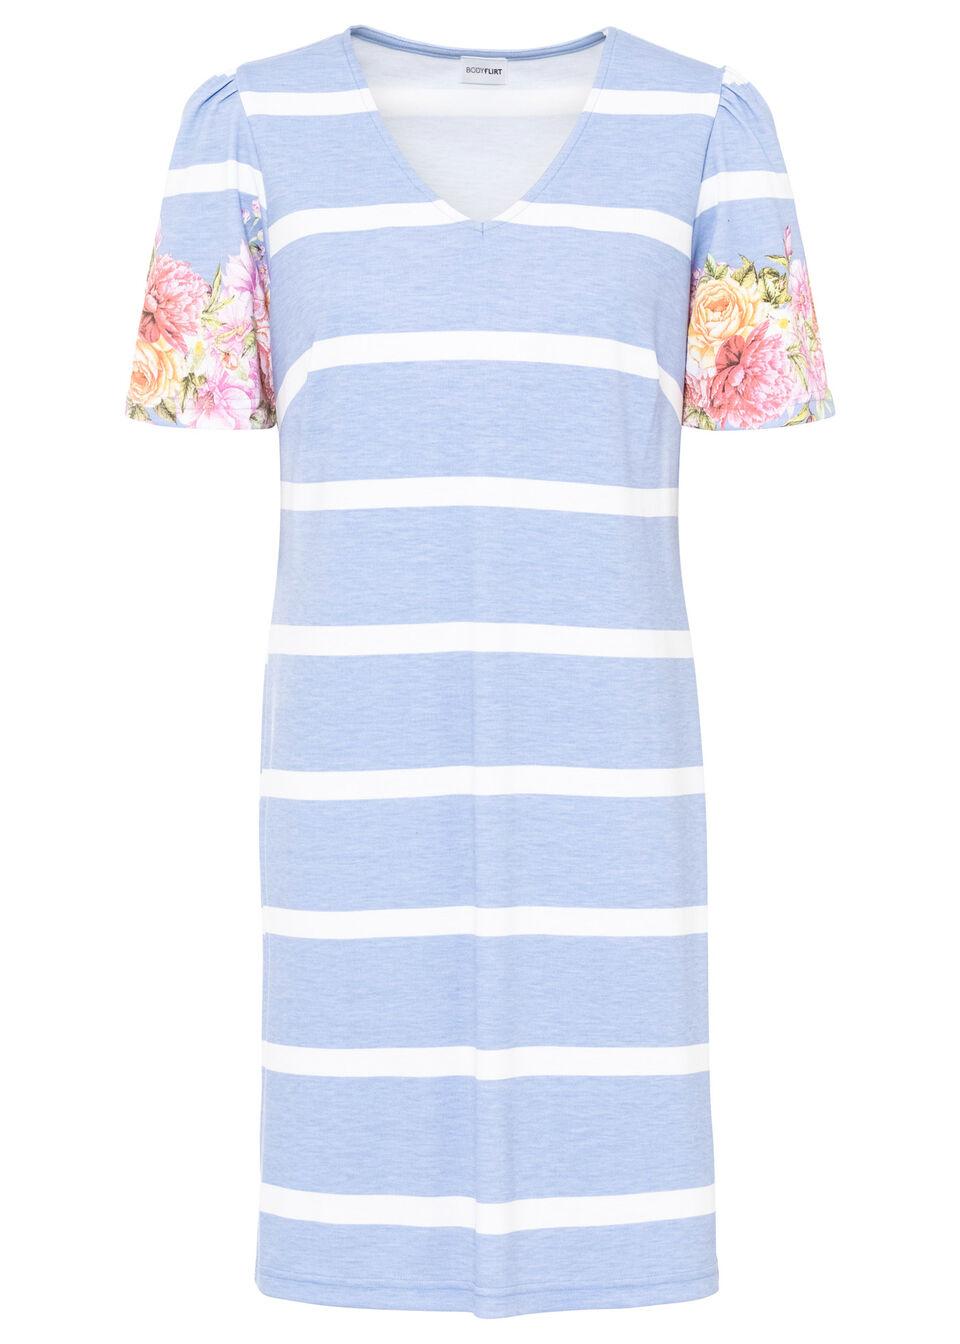 Sukienka shirtowa z rękawami bufkami bonprix perłowy niebieski - biały w paski